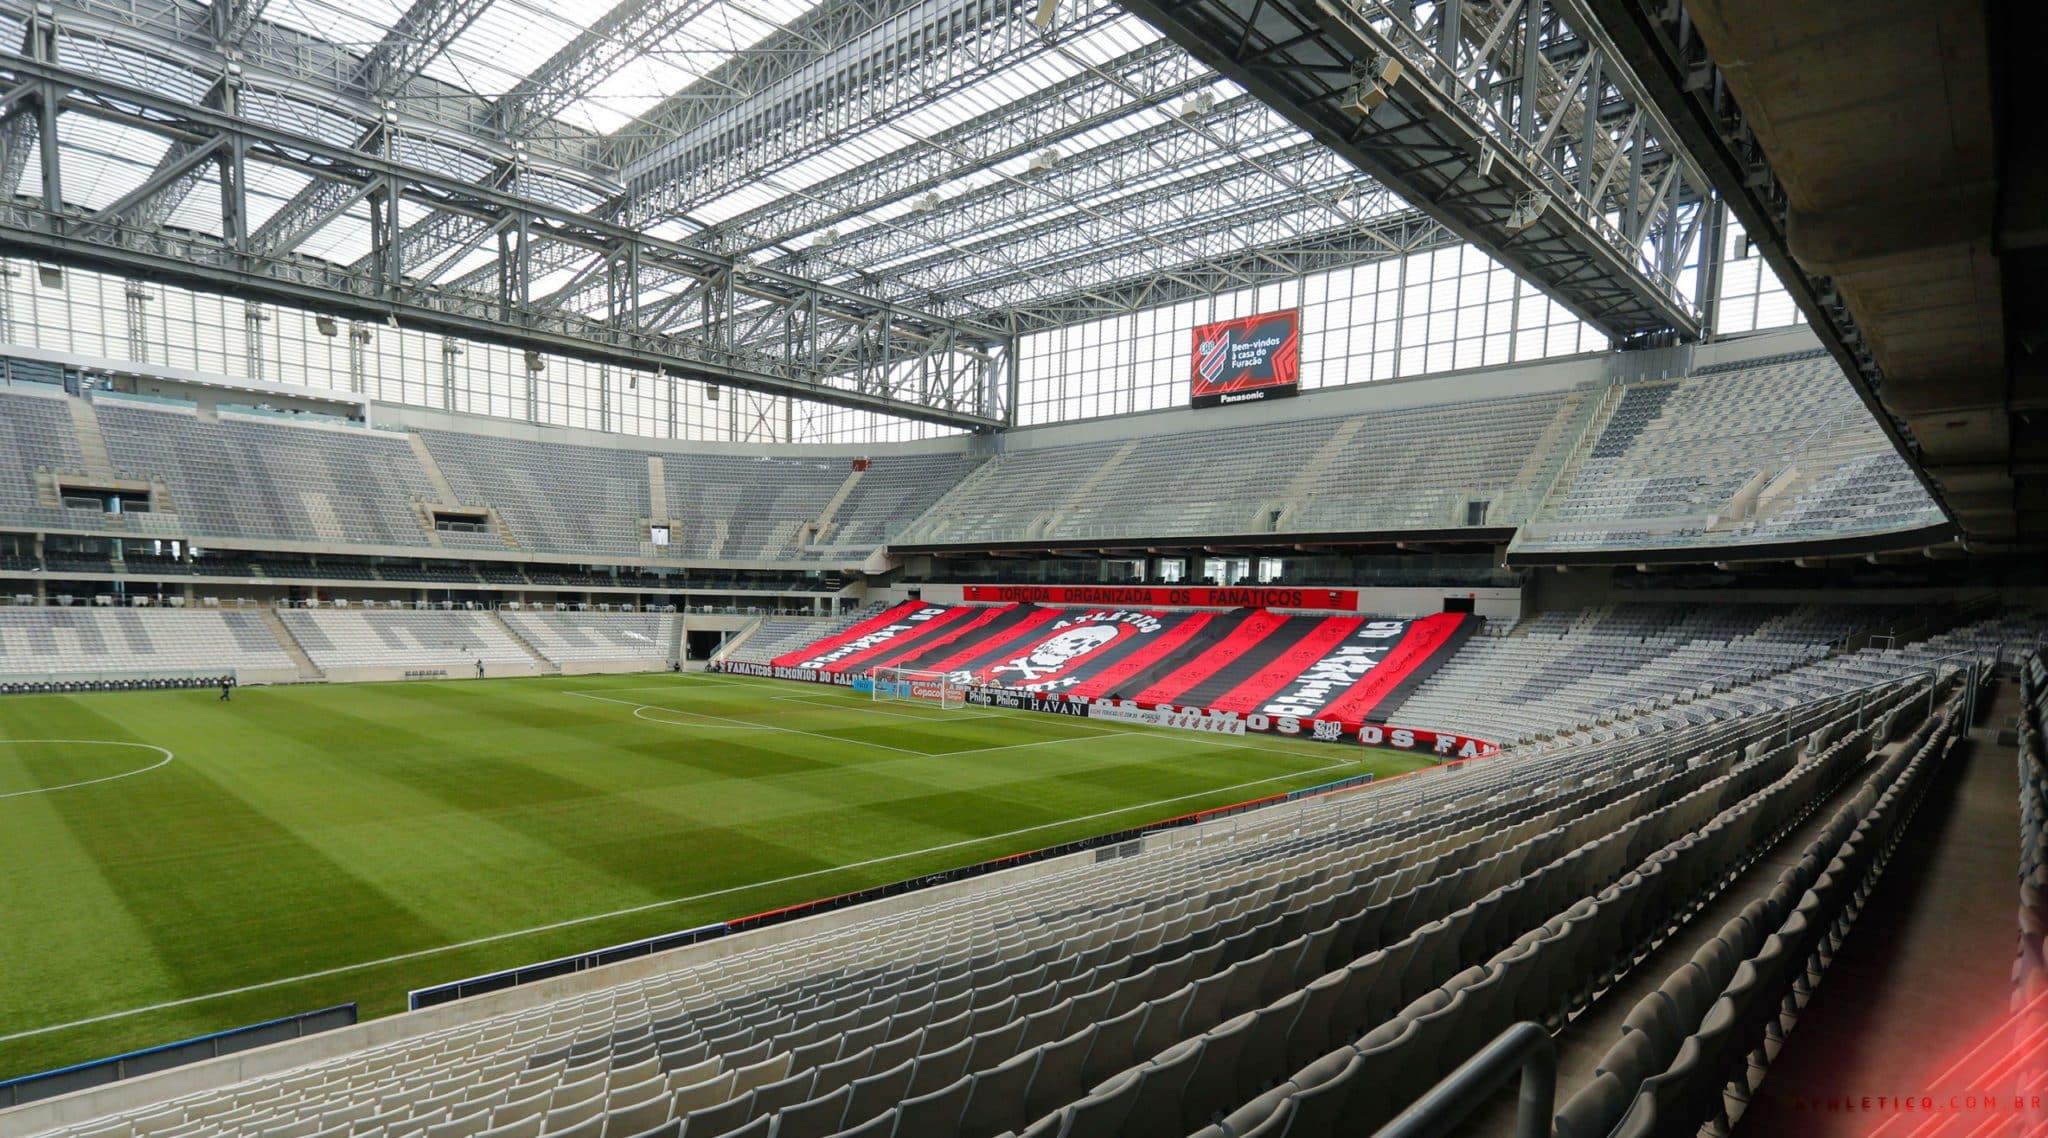 Com objetivos distintos, Athletico-PR e Sport se enfrentam na noite deste domingo (05), às 18h15, na Arena da Baixada, em Curitiba-PR